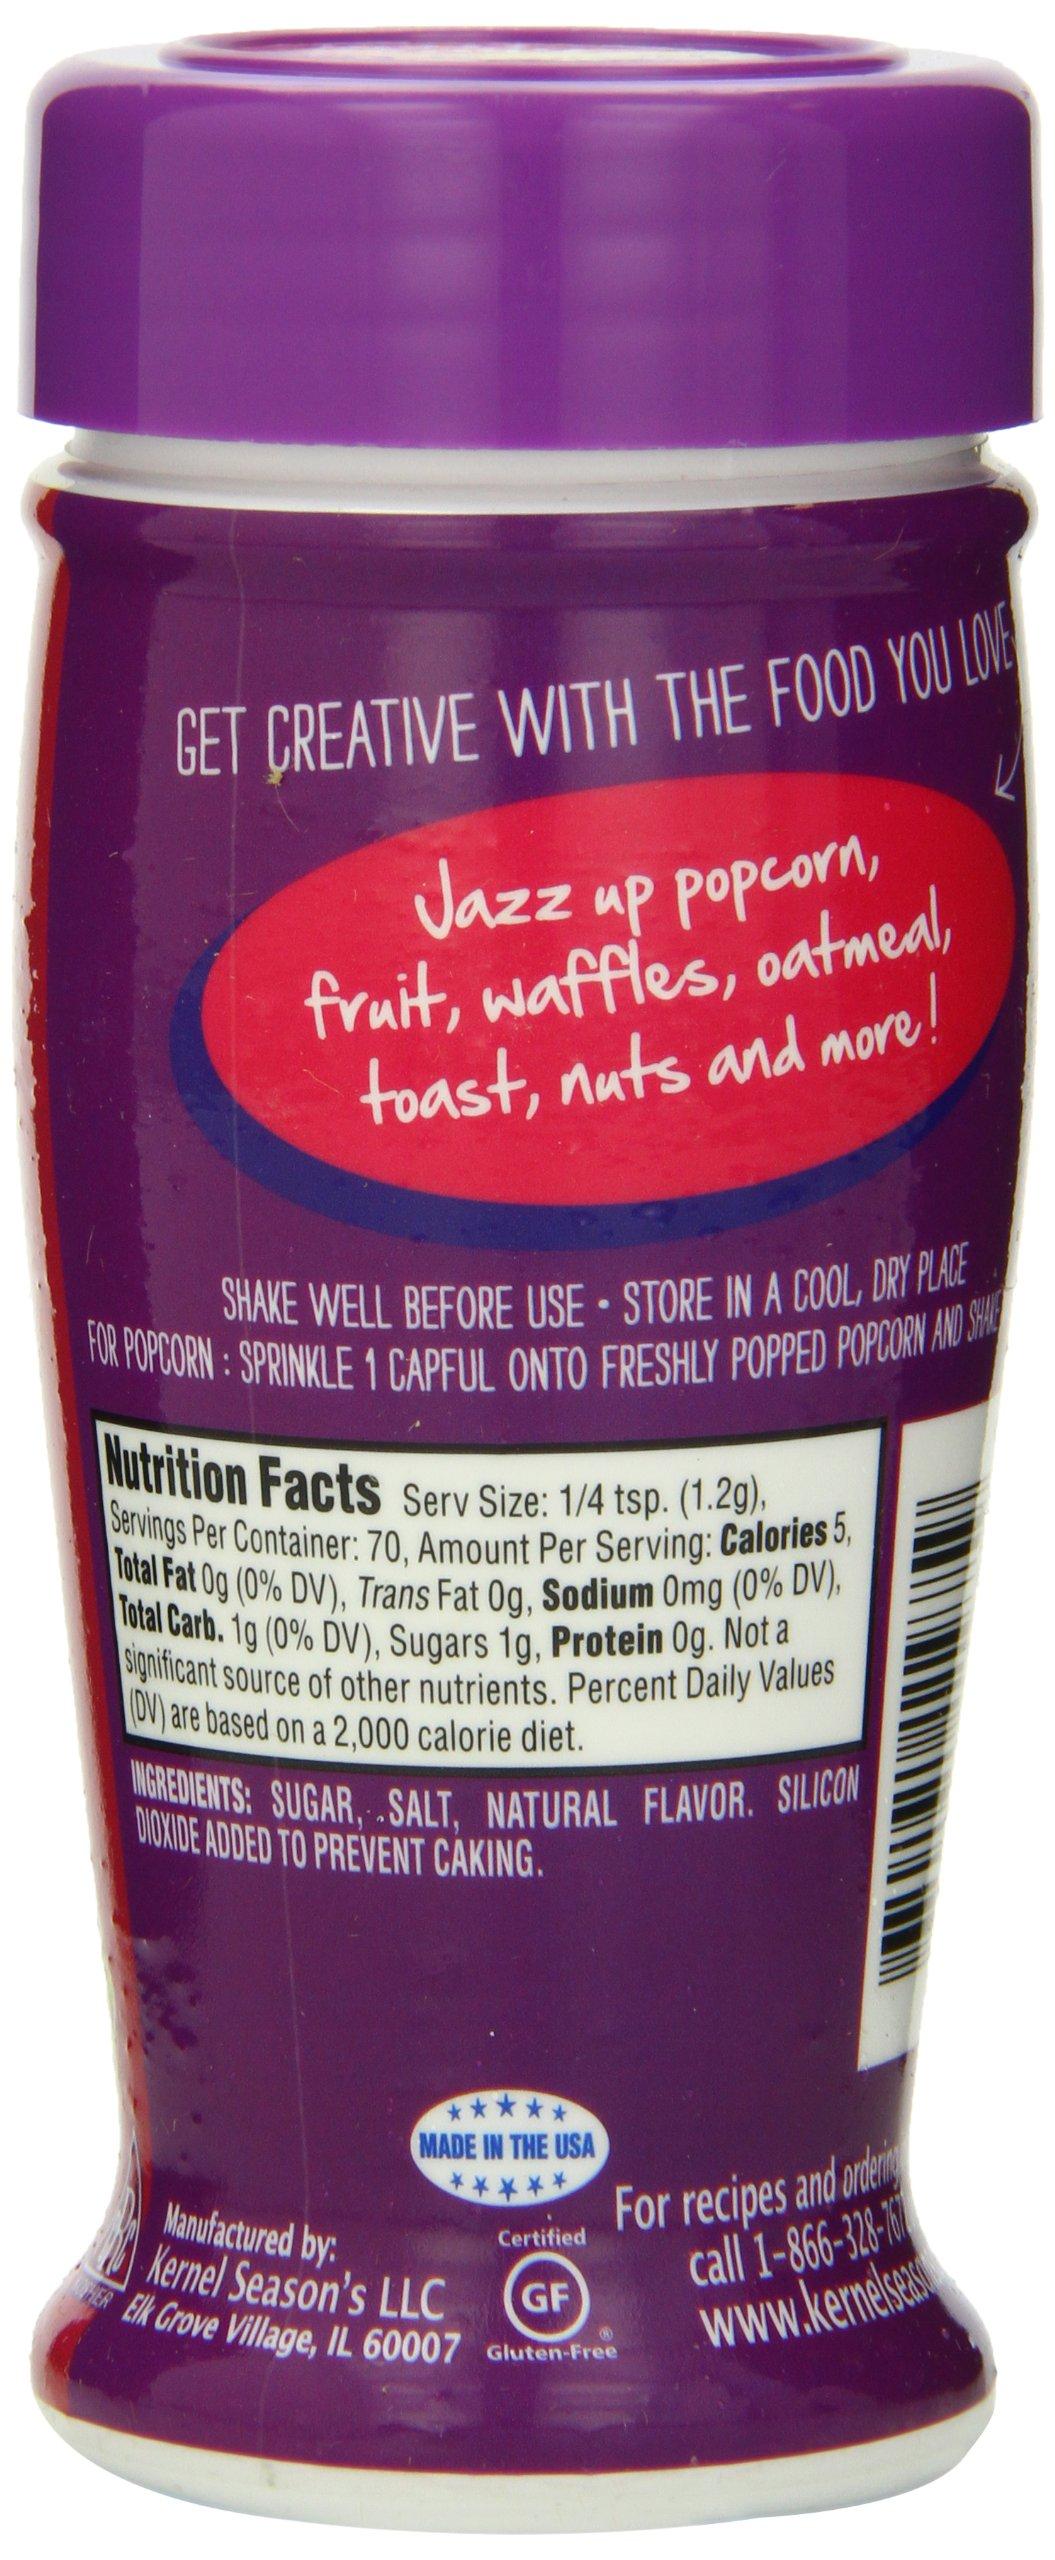 Kernel Season's Popcorn Seasoning, Kettle Corn, 3.0 Ounce (Pack of 6) by Kernel Season's (Image #3)